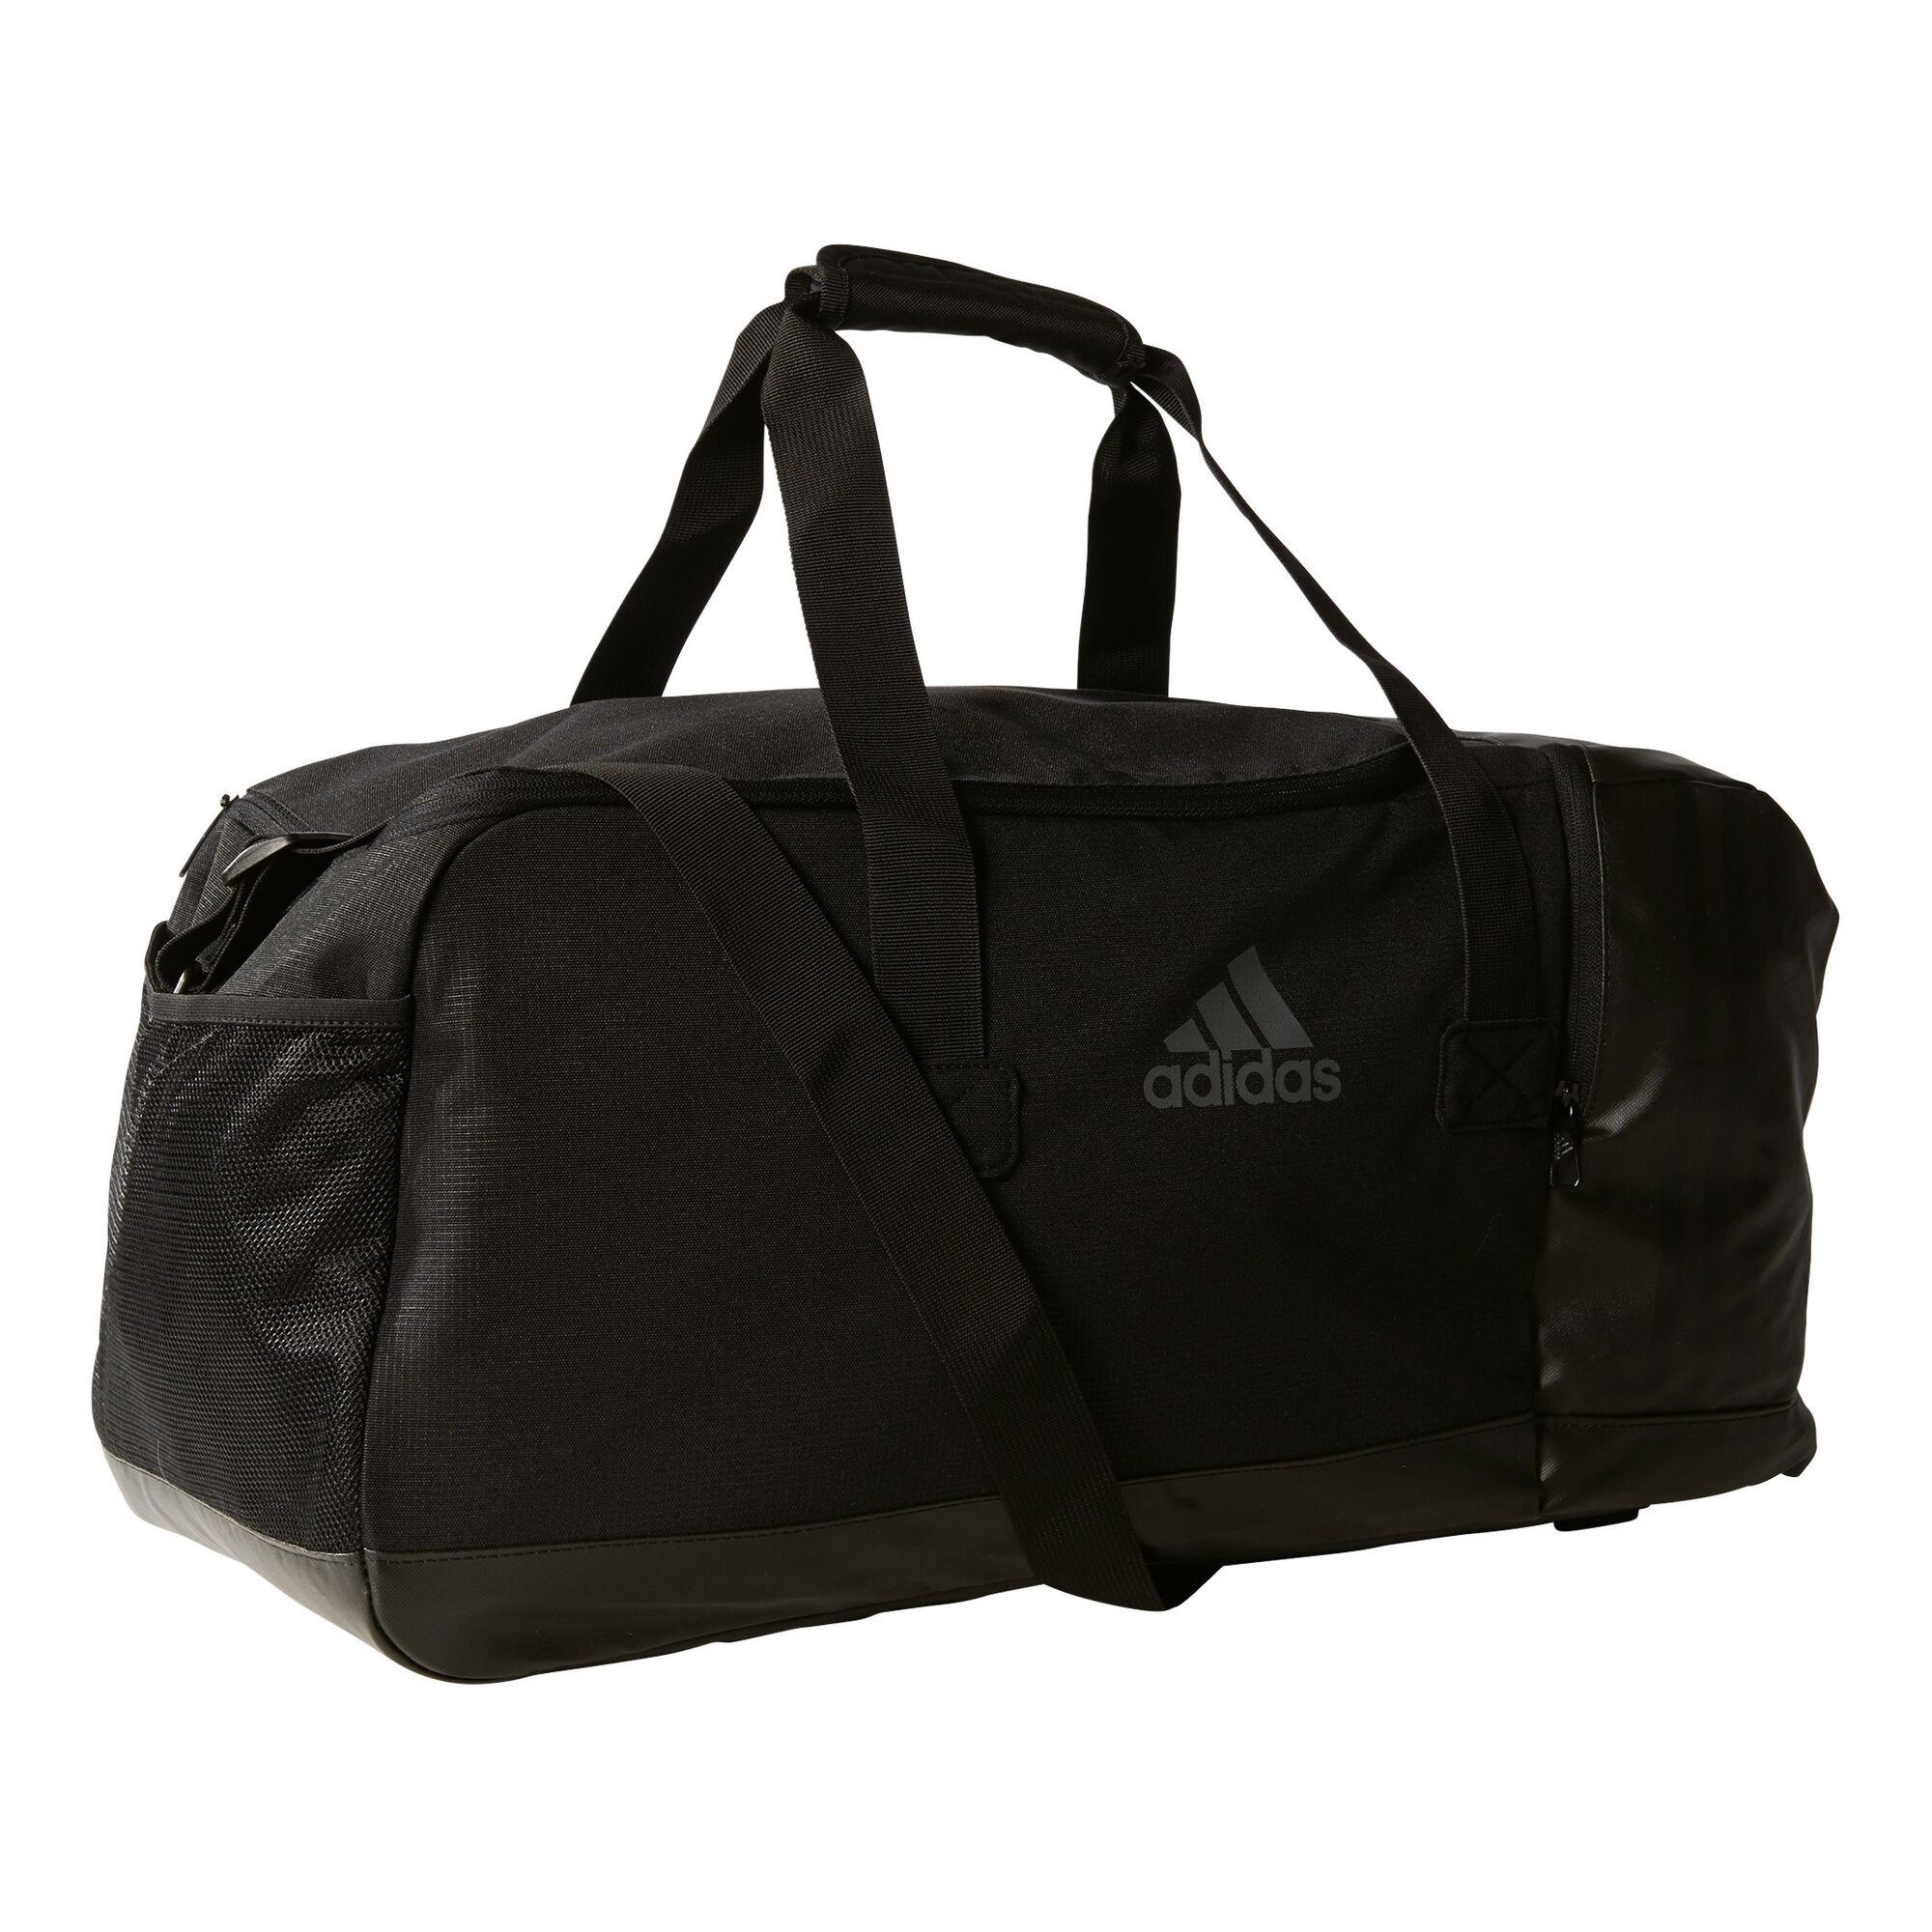 Adidas Three Stripes Performance Gym Bag Black